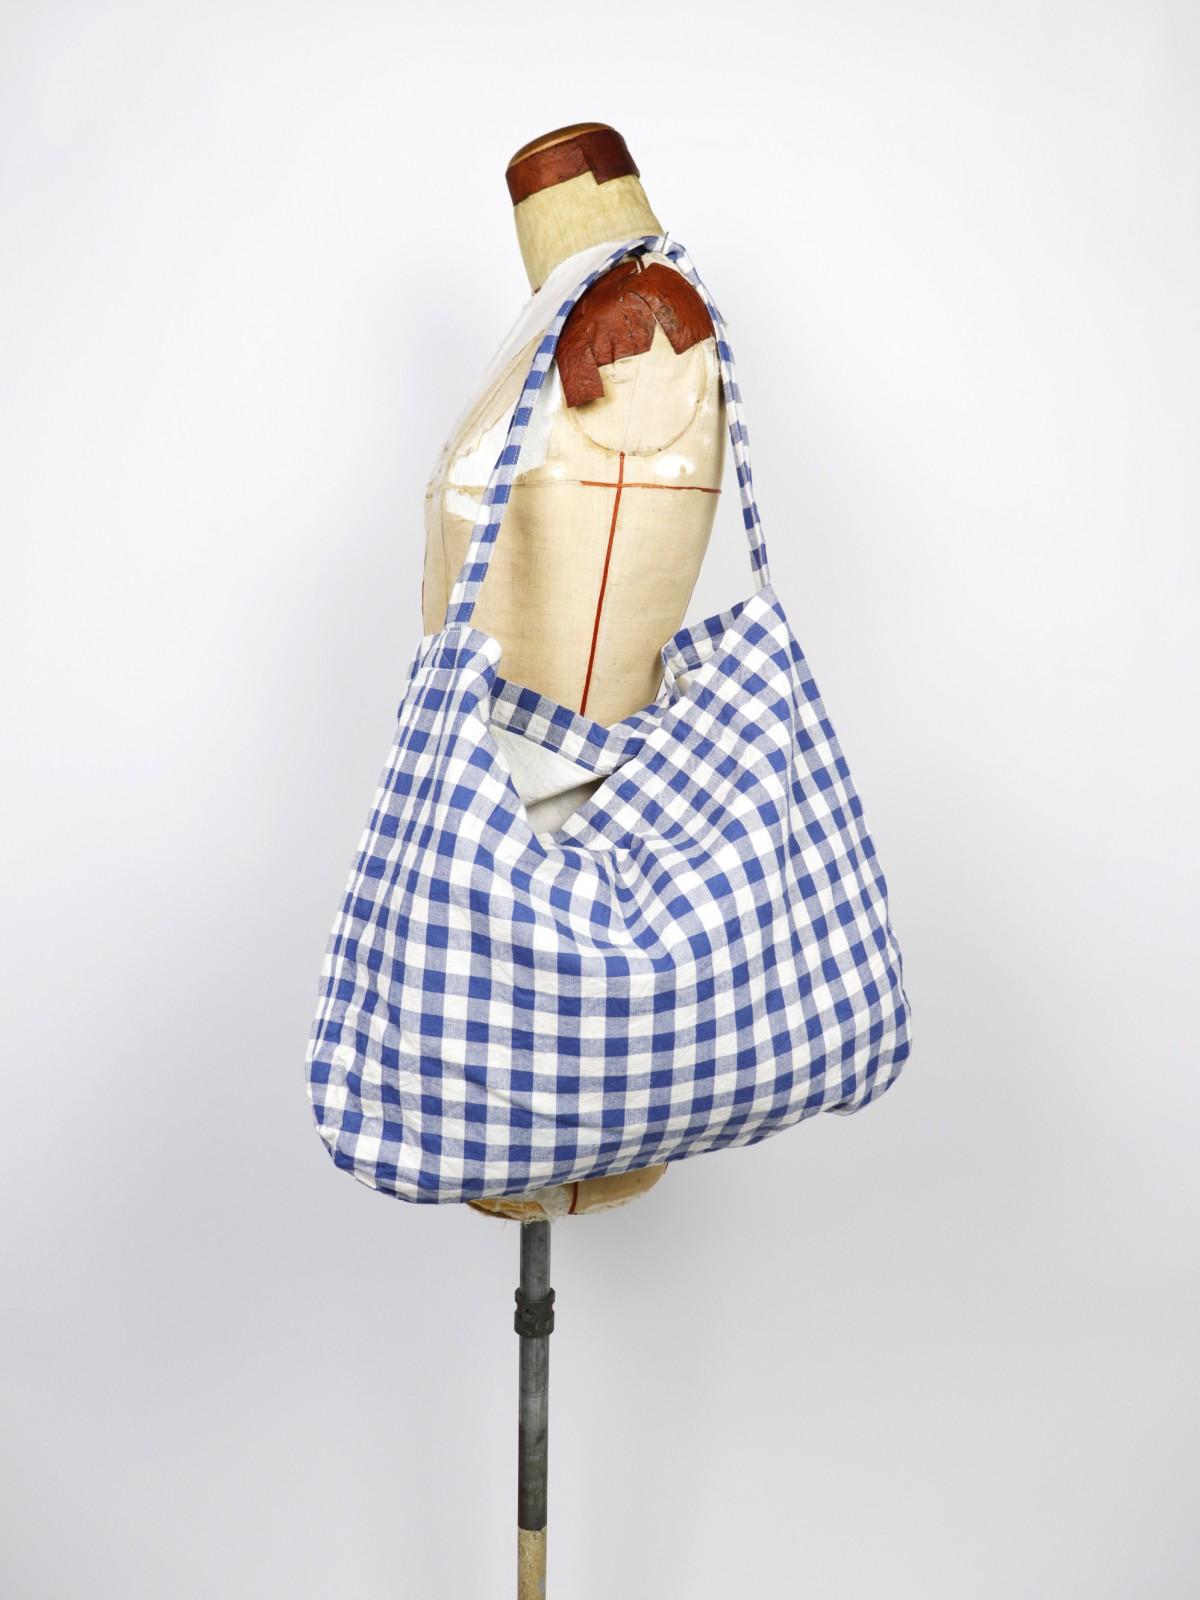 Cotton check fabric, Brown remake, Bag, USA